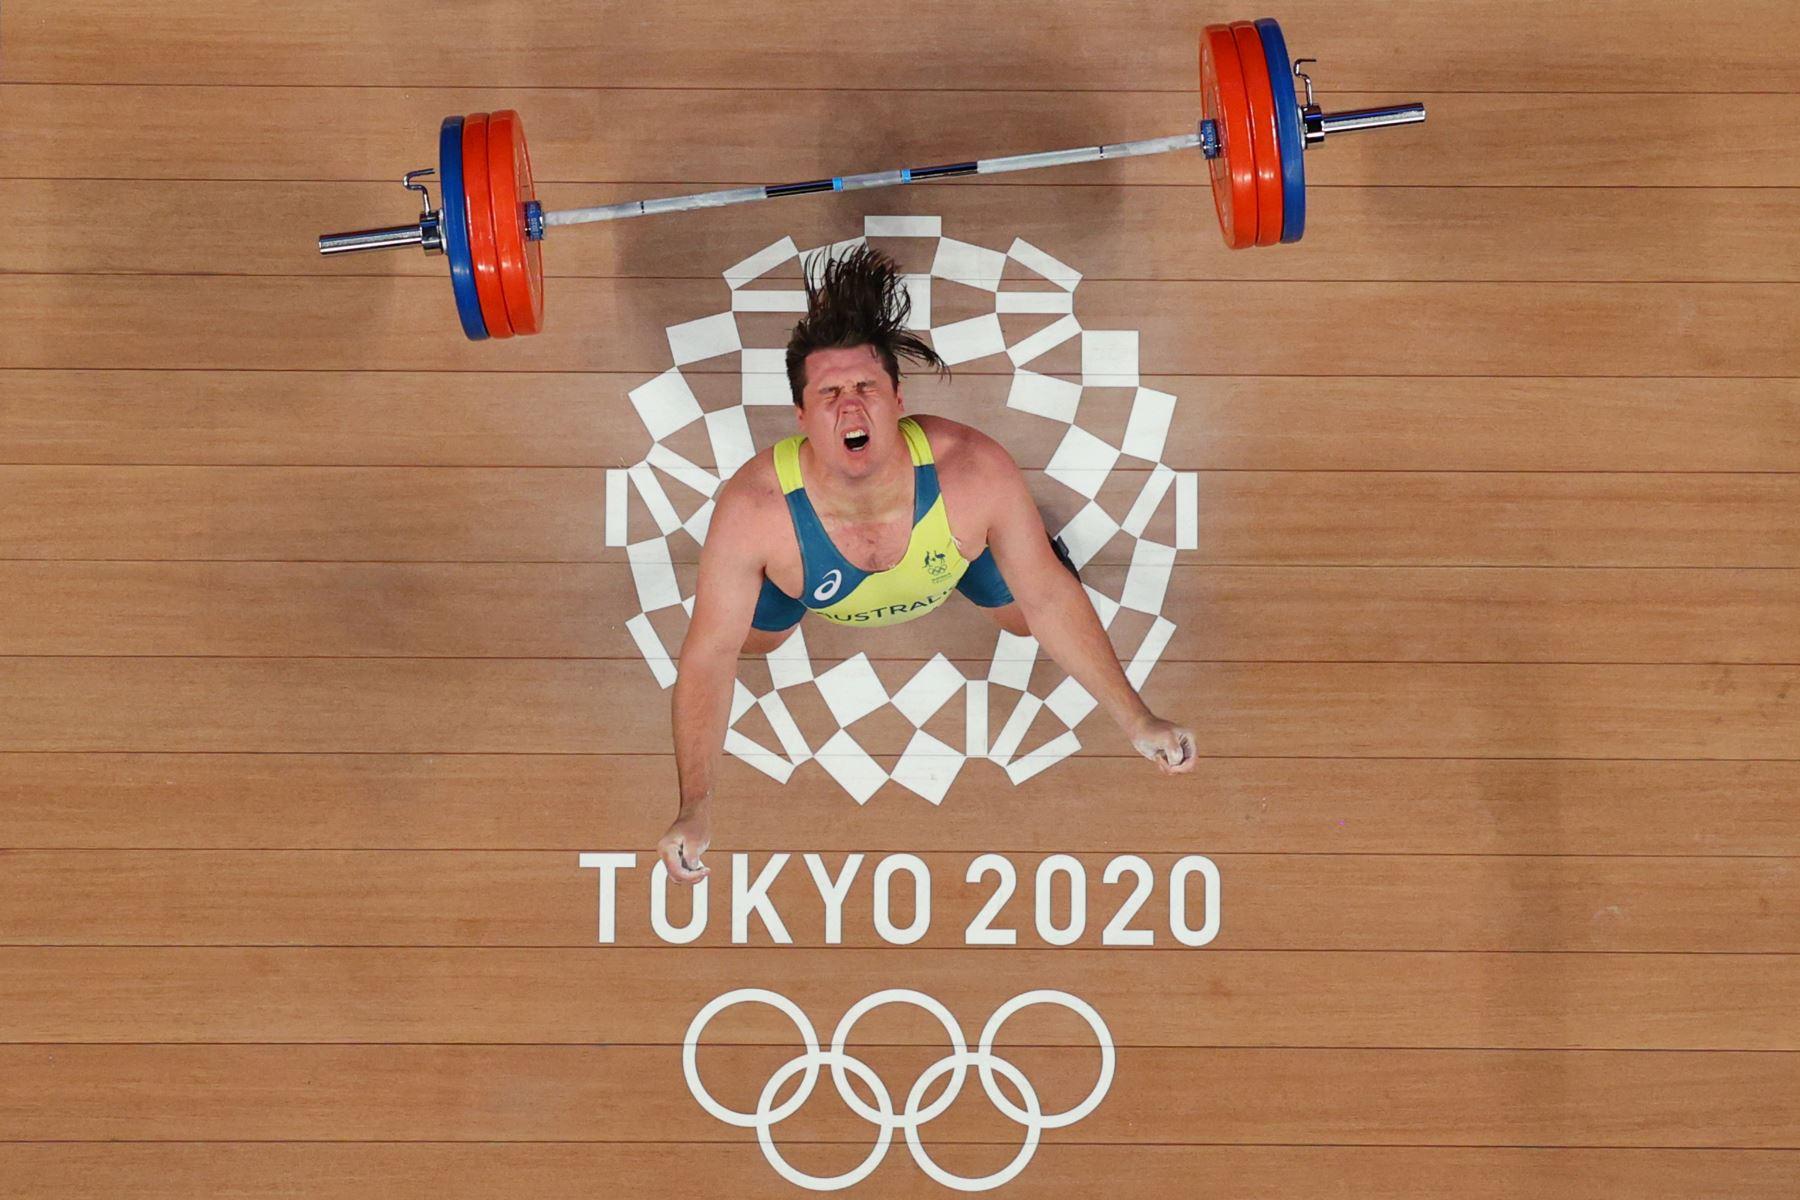 El australiano Matthew Ryan Lydement reacciona después de fallar un intento durante la competencia de halterofilia masculina de 109 kg durante los Juegos Olímpicos de Tokio 2020.  Foto: AFP